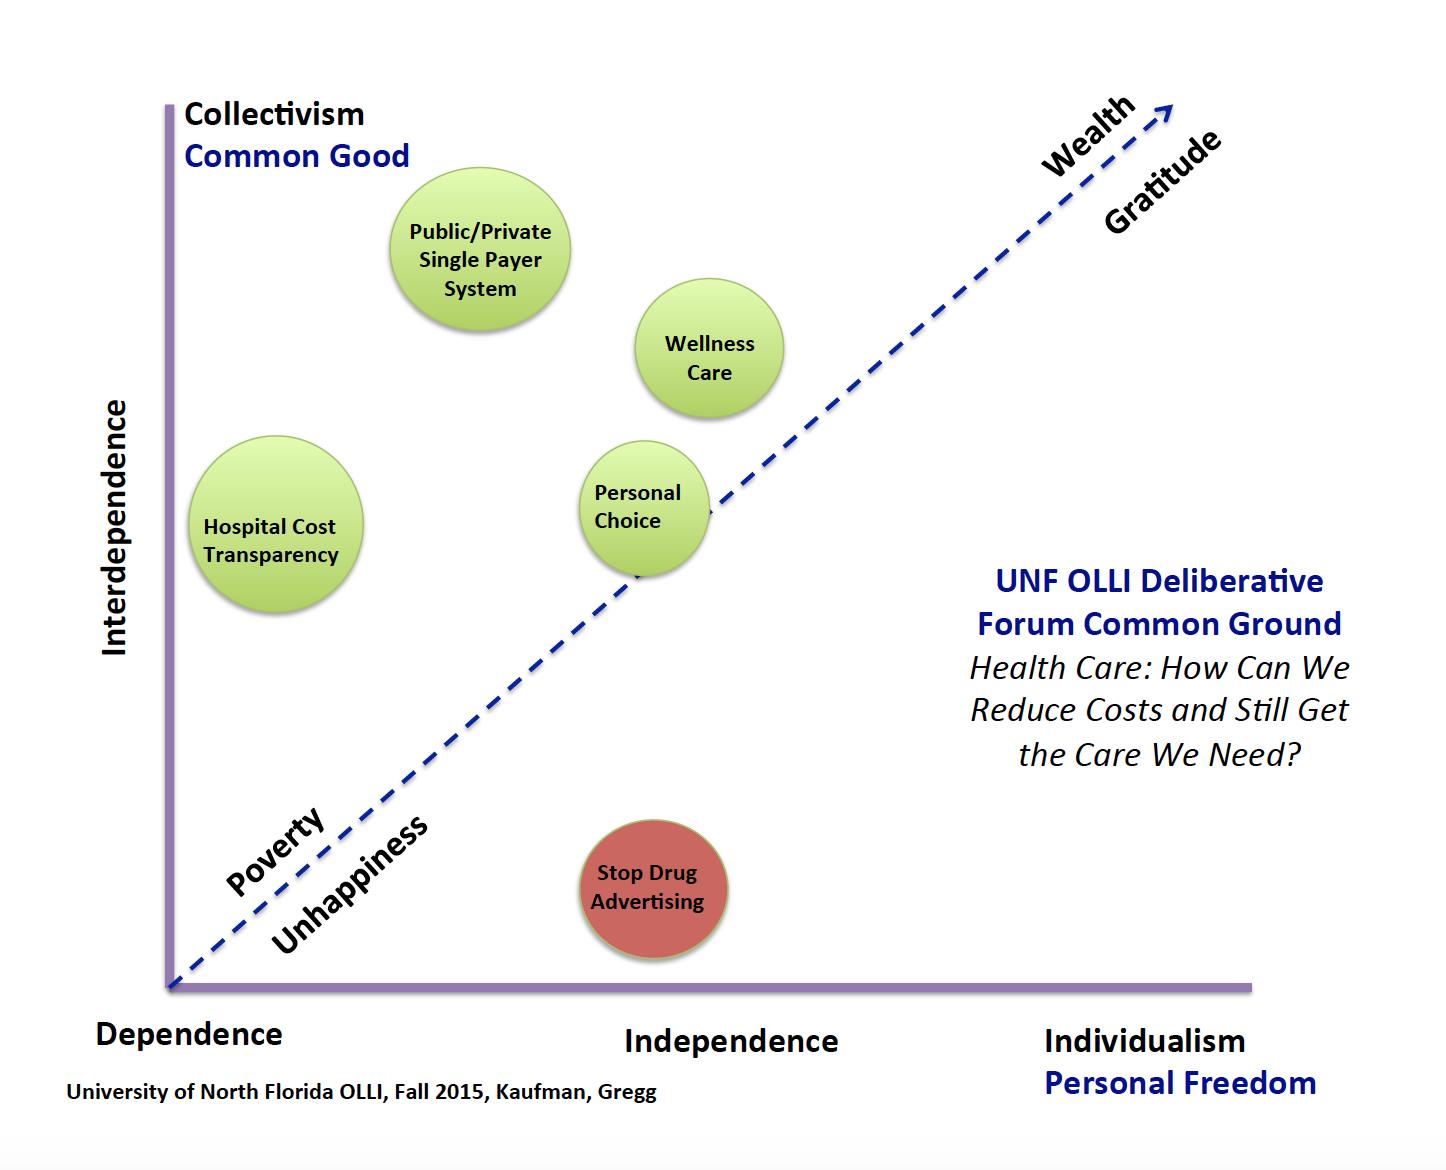 Graph representing forum outcomes